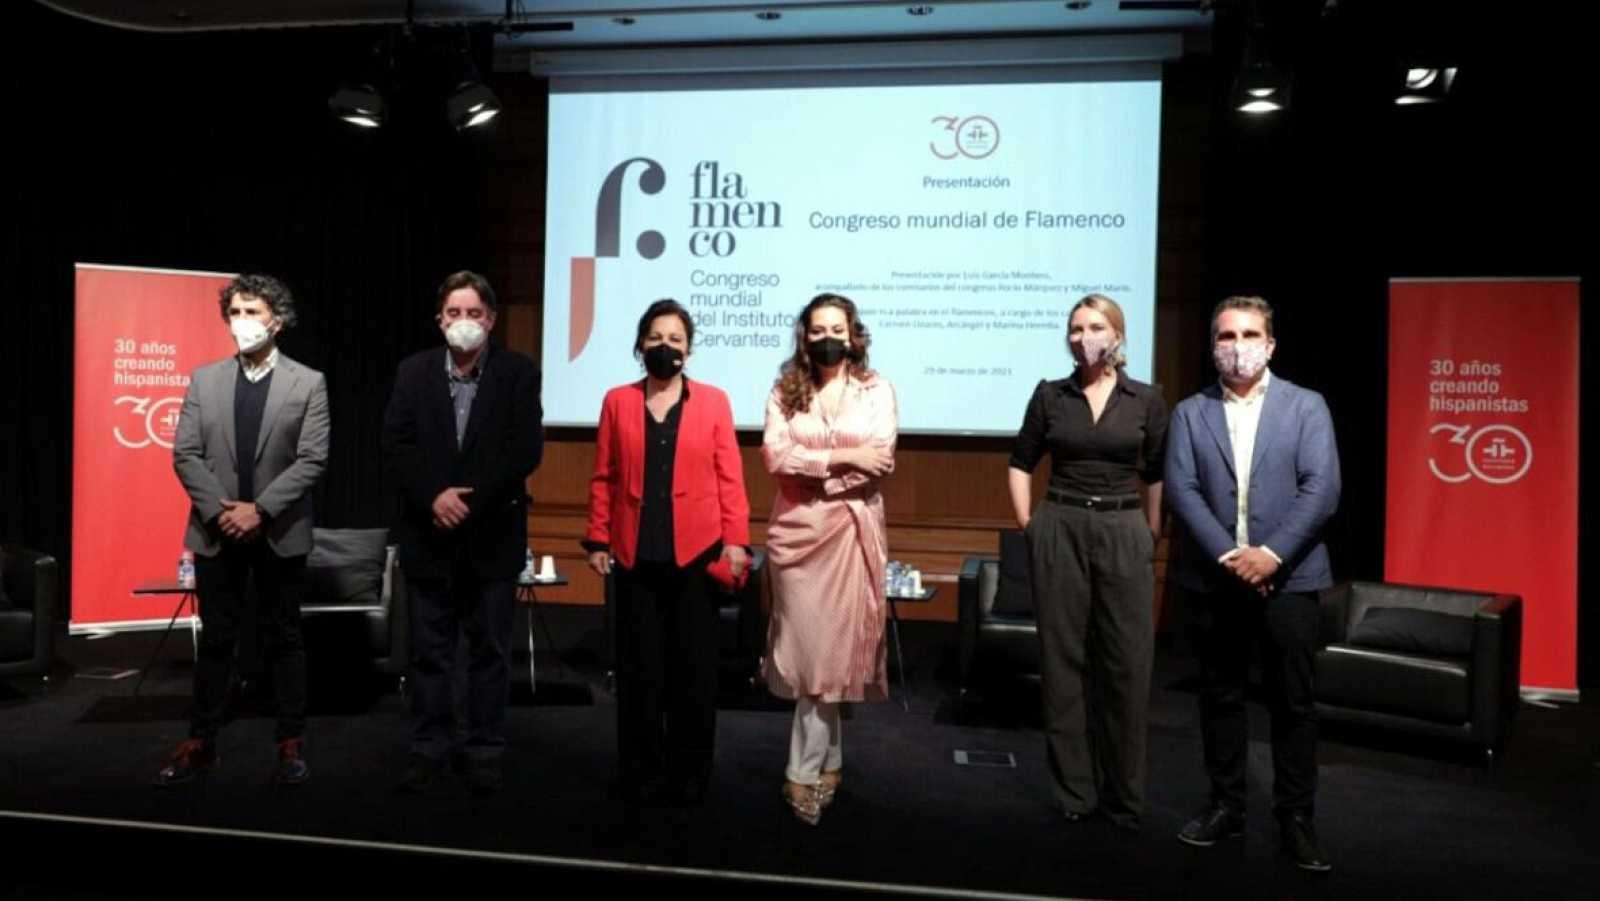 Punto de enlace - El Instituto Cervantes organiza el Congreso Mundial del Flamenco - 07/04/21 - escuchar ahora